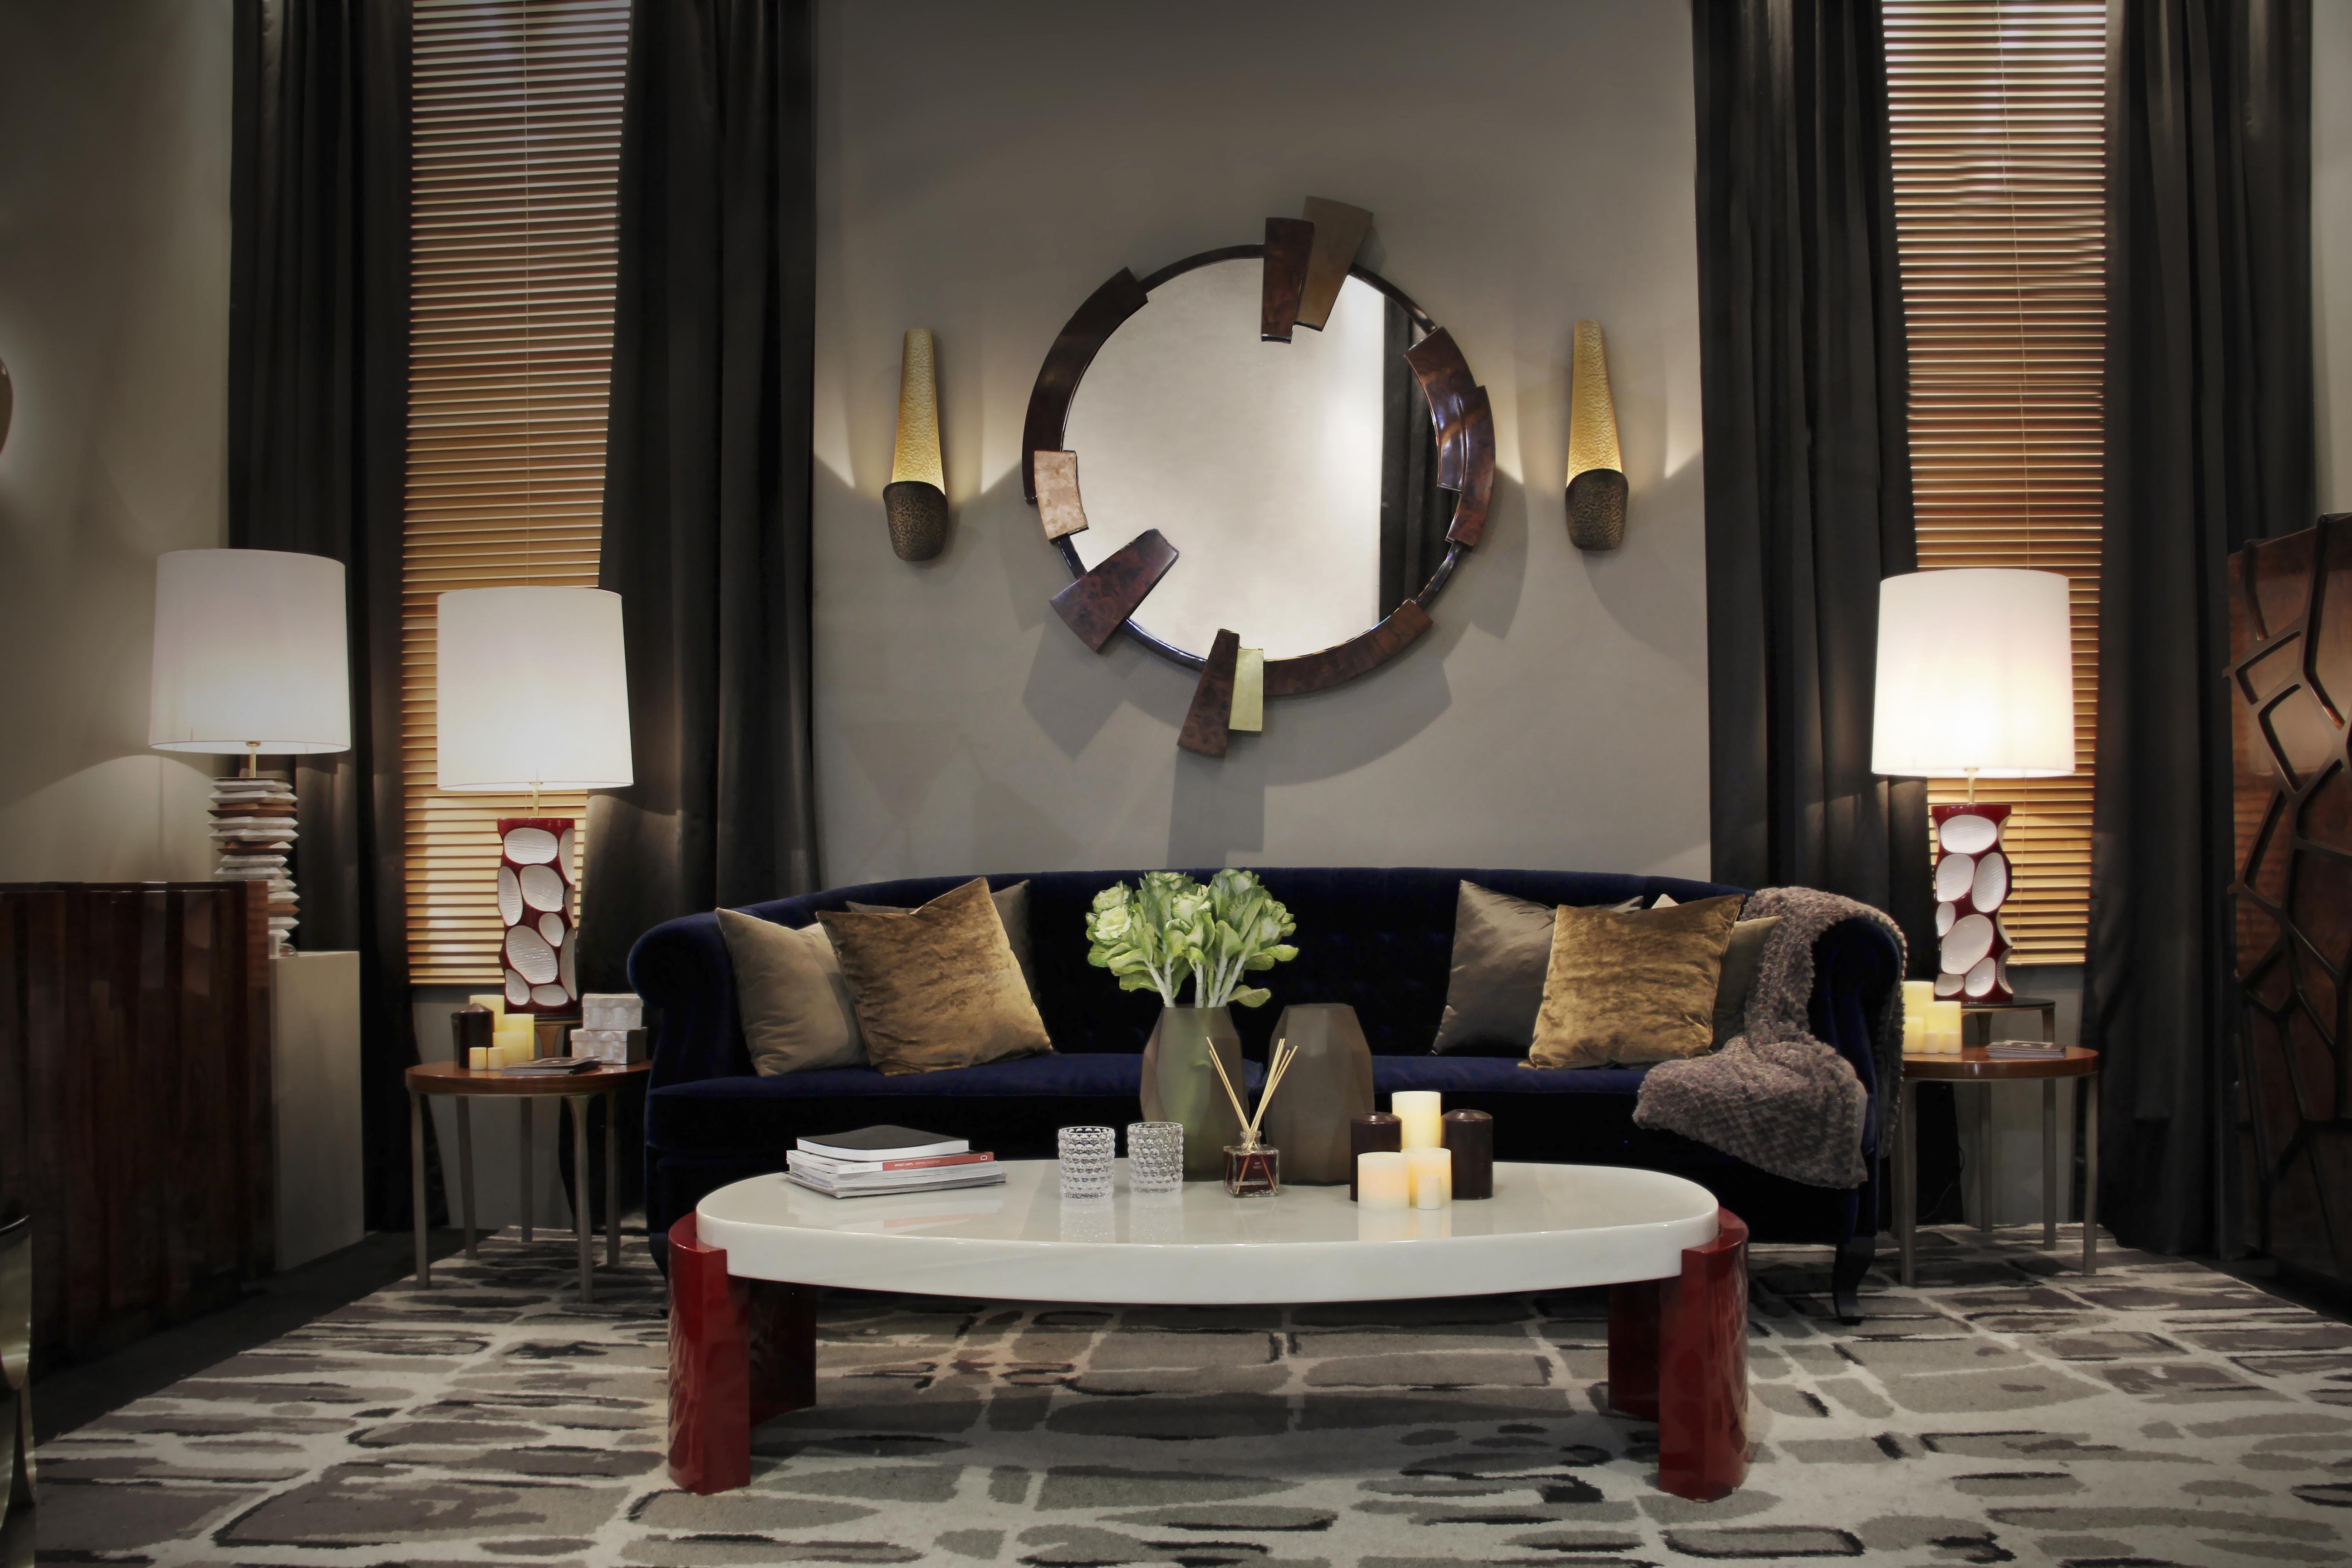 brabbu tacca mesas de centro Encantadoras mesas de centro para tu sala de estar brabbu tacca